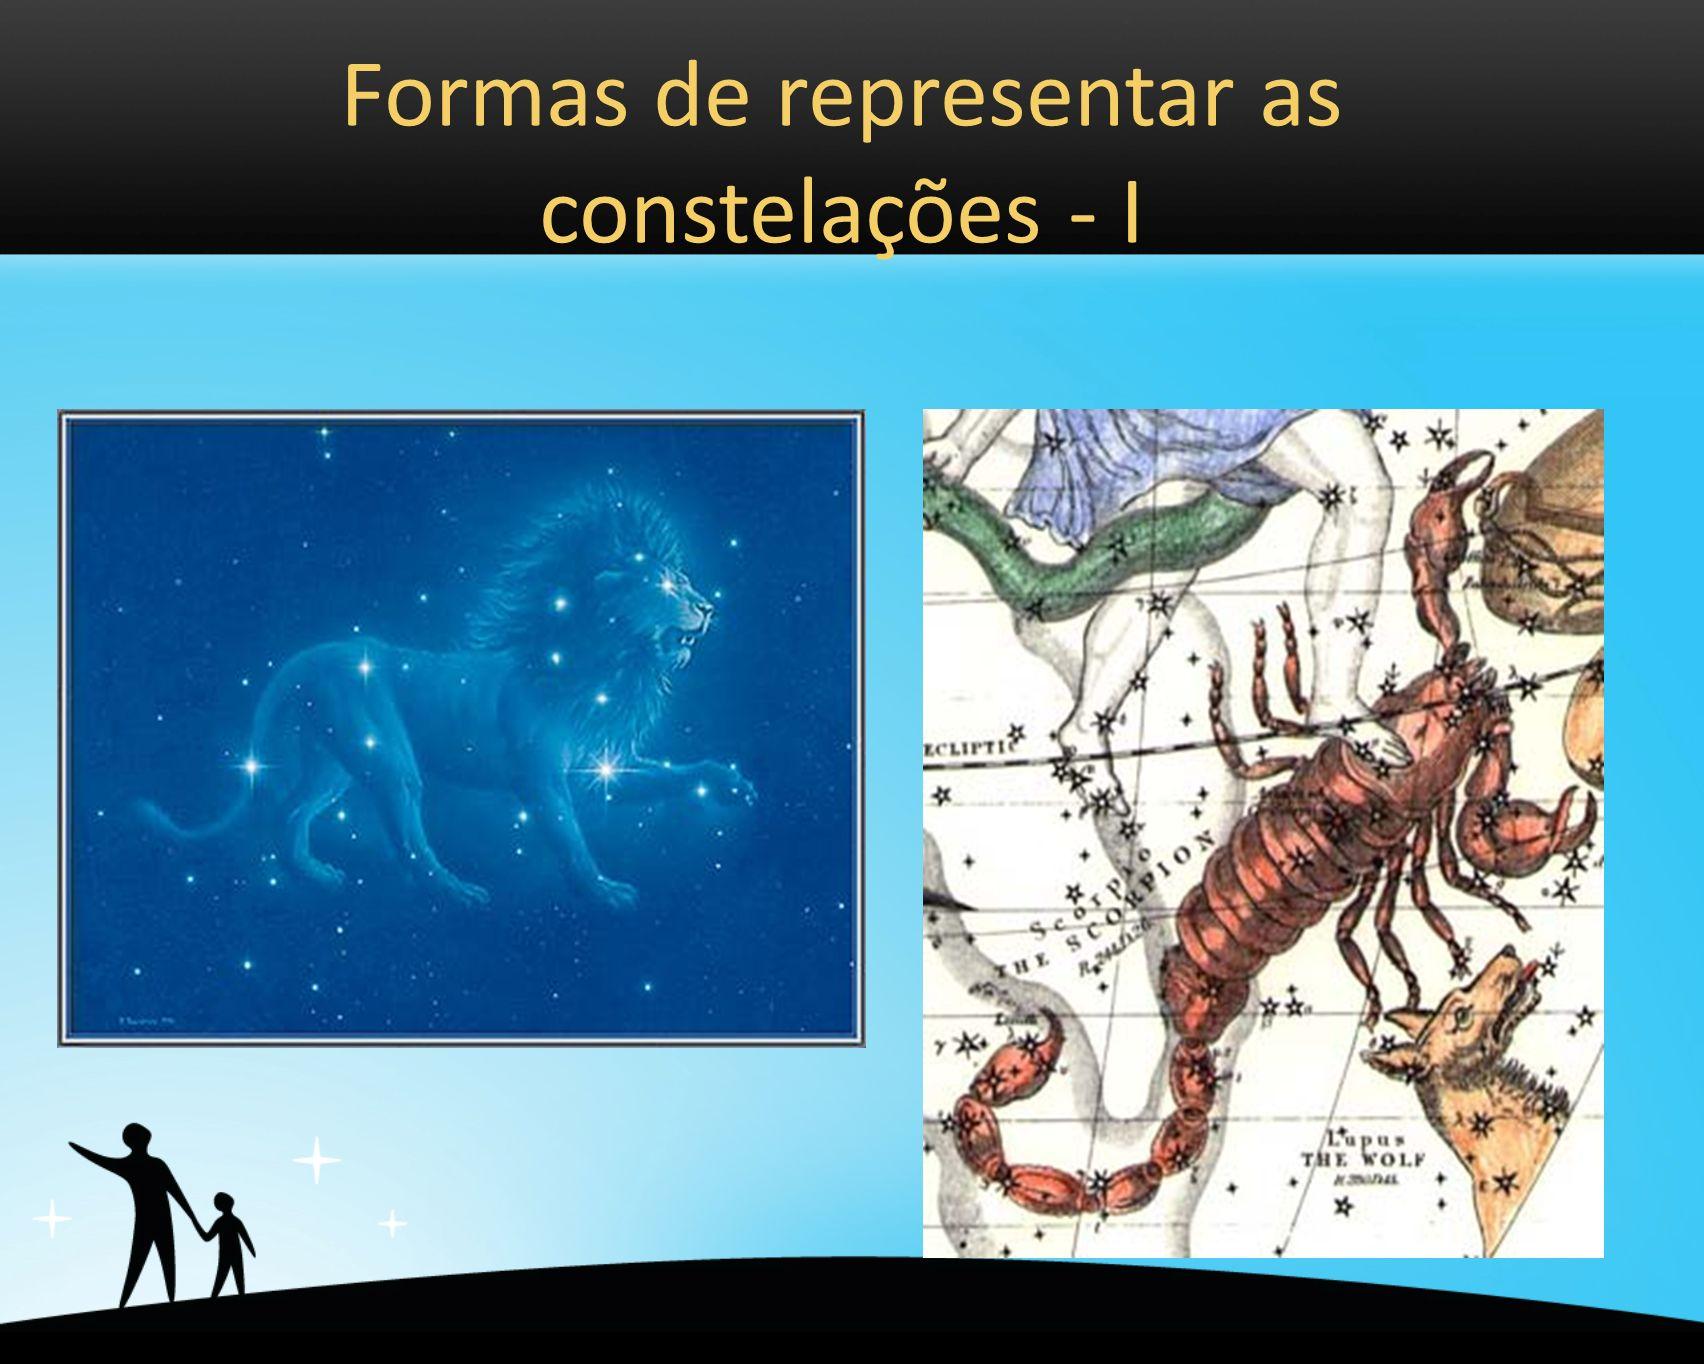 Formas de representar as constelações - I